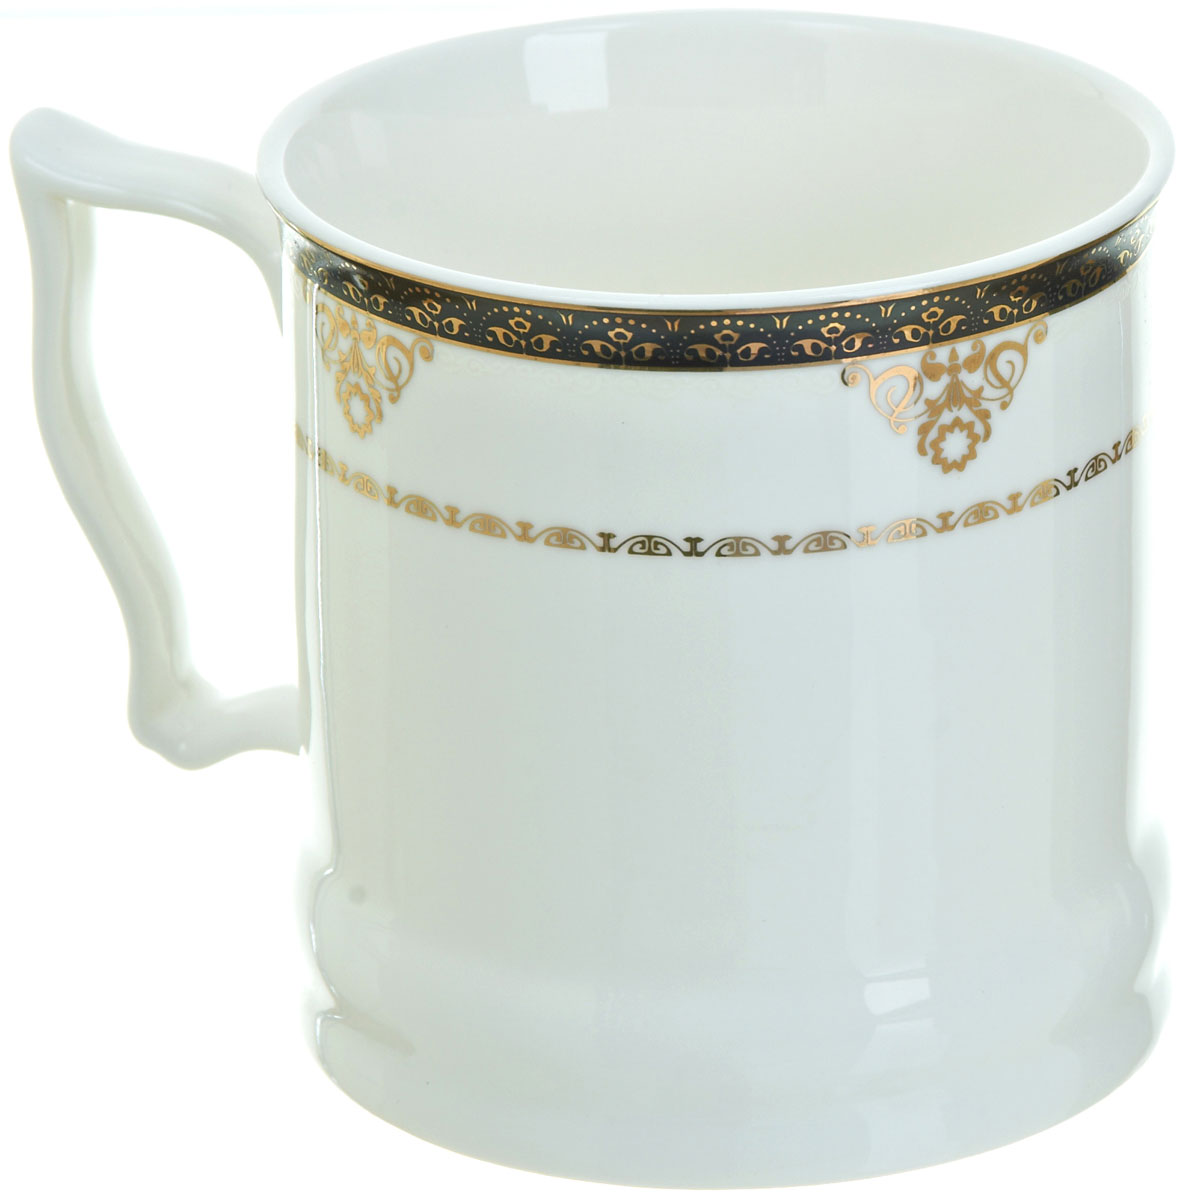 Кружка BHP Королевская кружка, 500 мл. M1870007VT-1520(SR)Оригинальная кружка Best Home Porcelain, выполненная из высококачественного фарфора, сочетает в себе простой, утонченный дизайн с максимальной функциональностью. Можно использовать в посудомоечной машине.